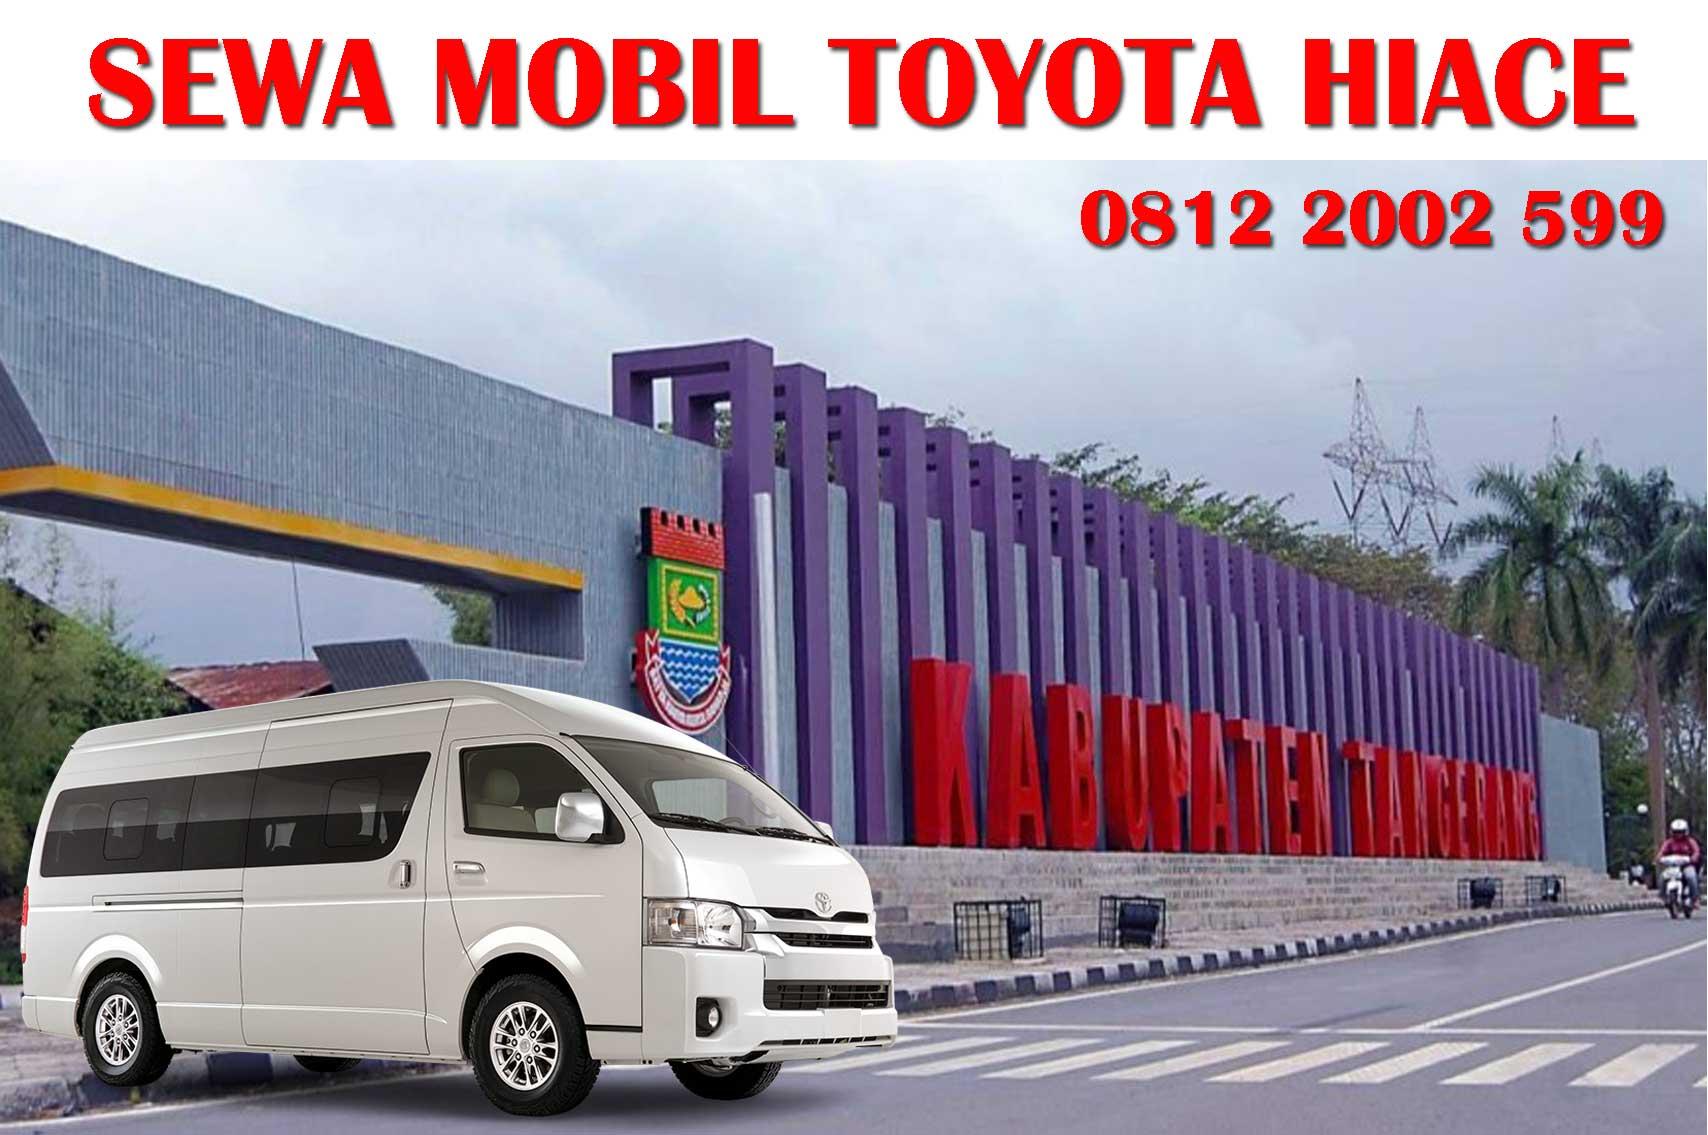 Sewa Mobil Toyota Hiace Tangerang